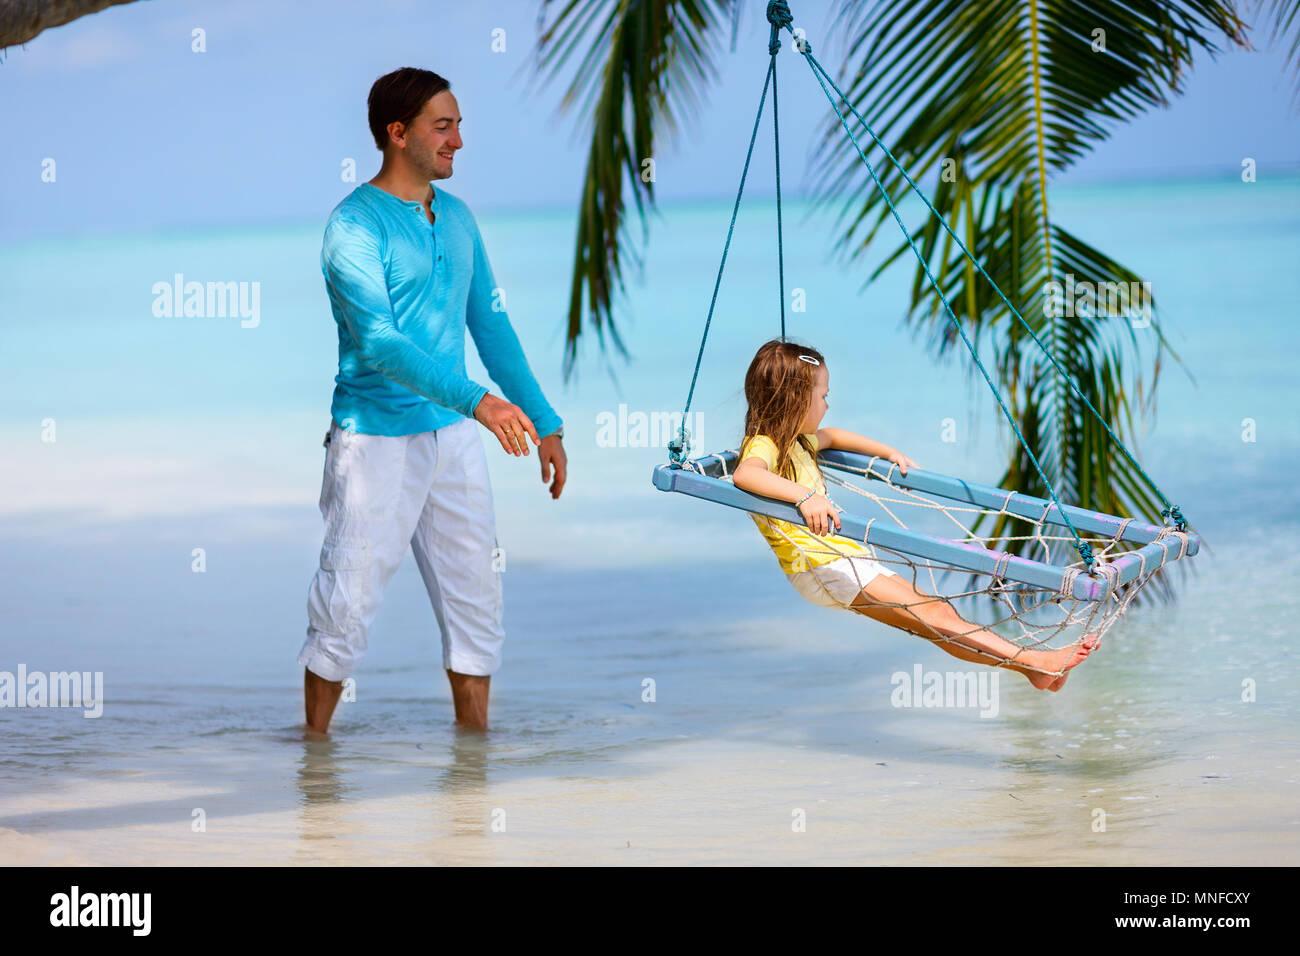 Heureux père et son adorable petite fille au Tropical Beach s'amusant sur une balançoire Photo Stock